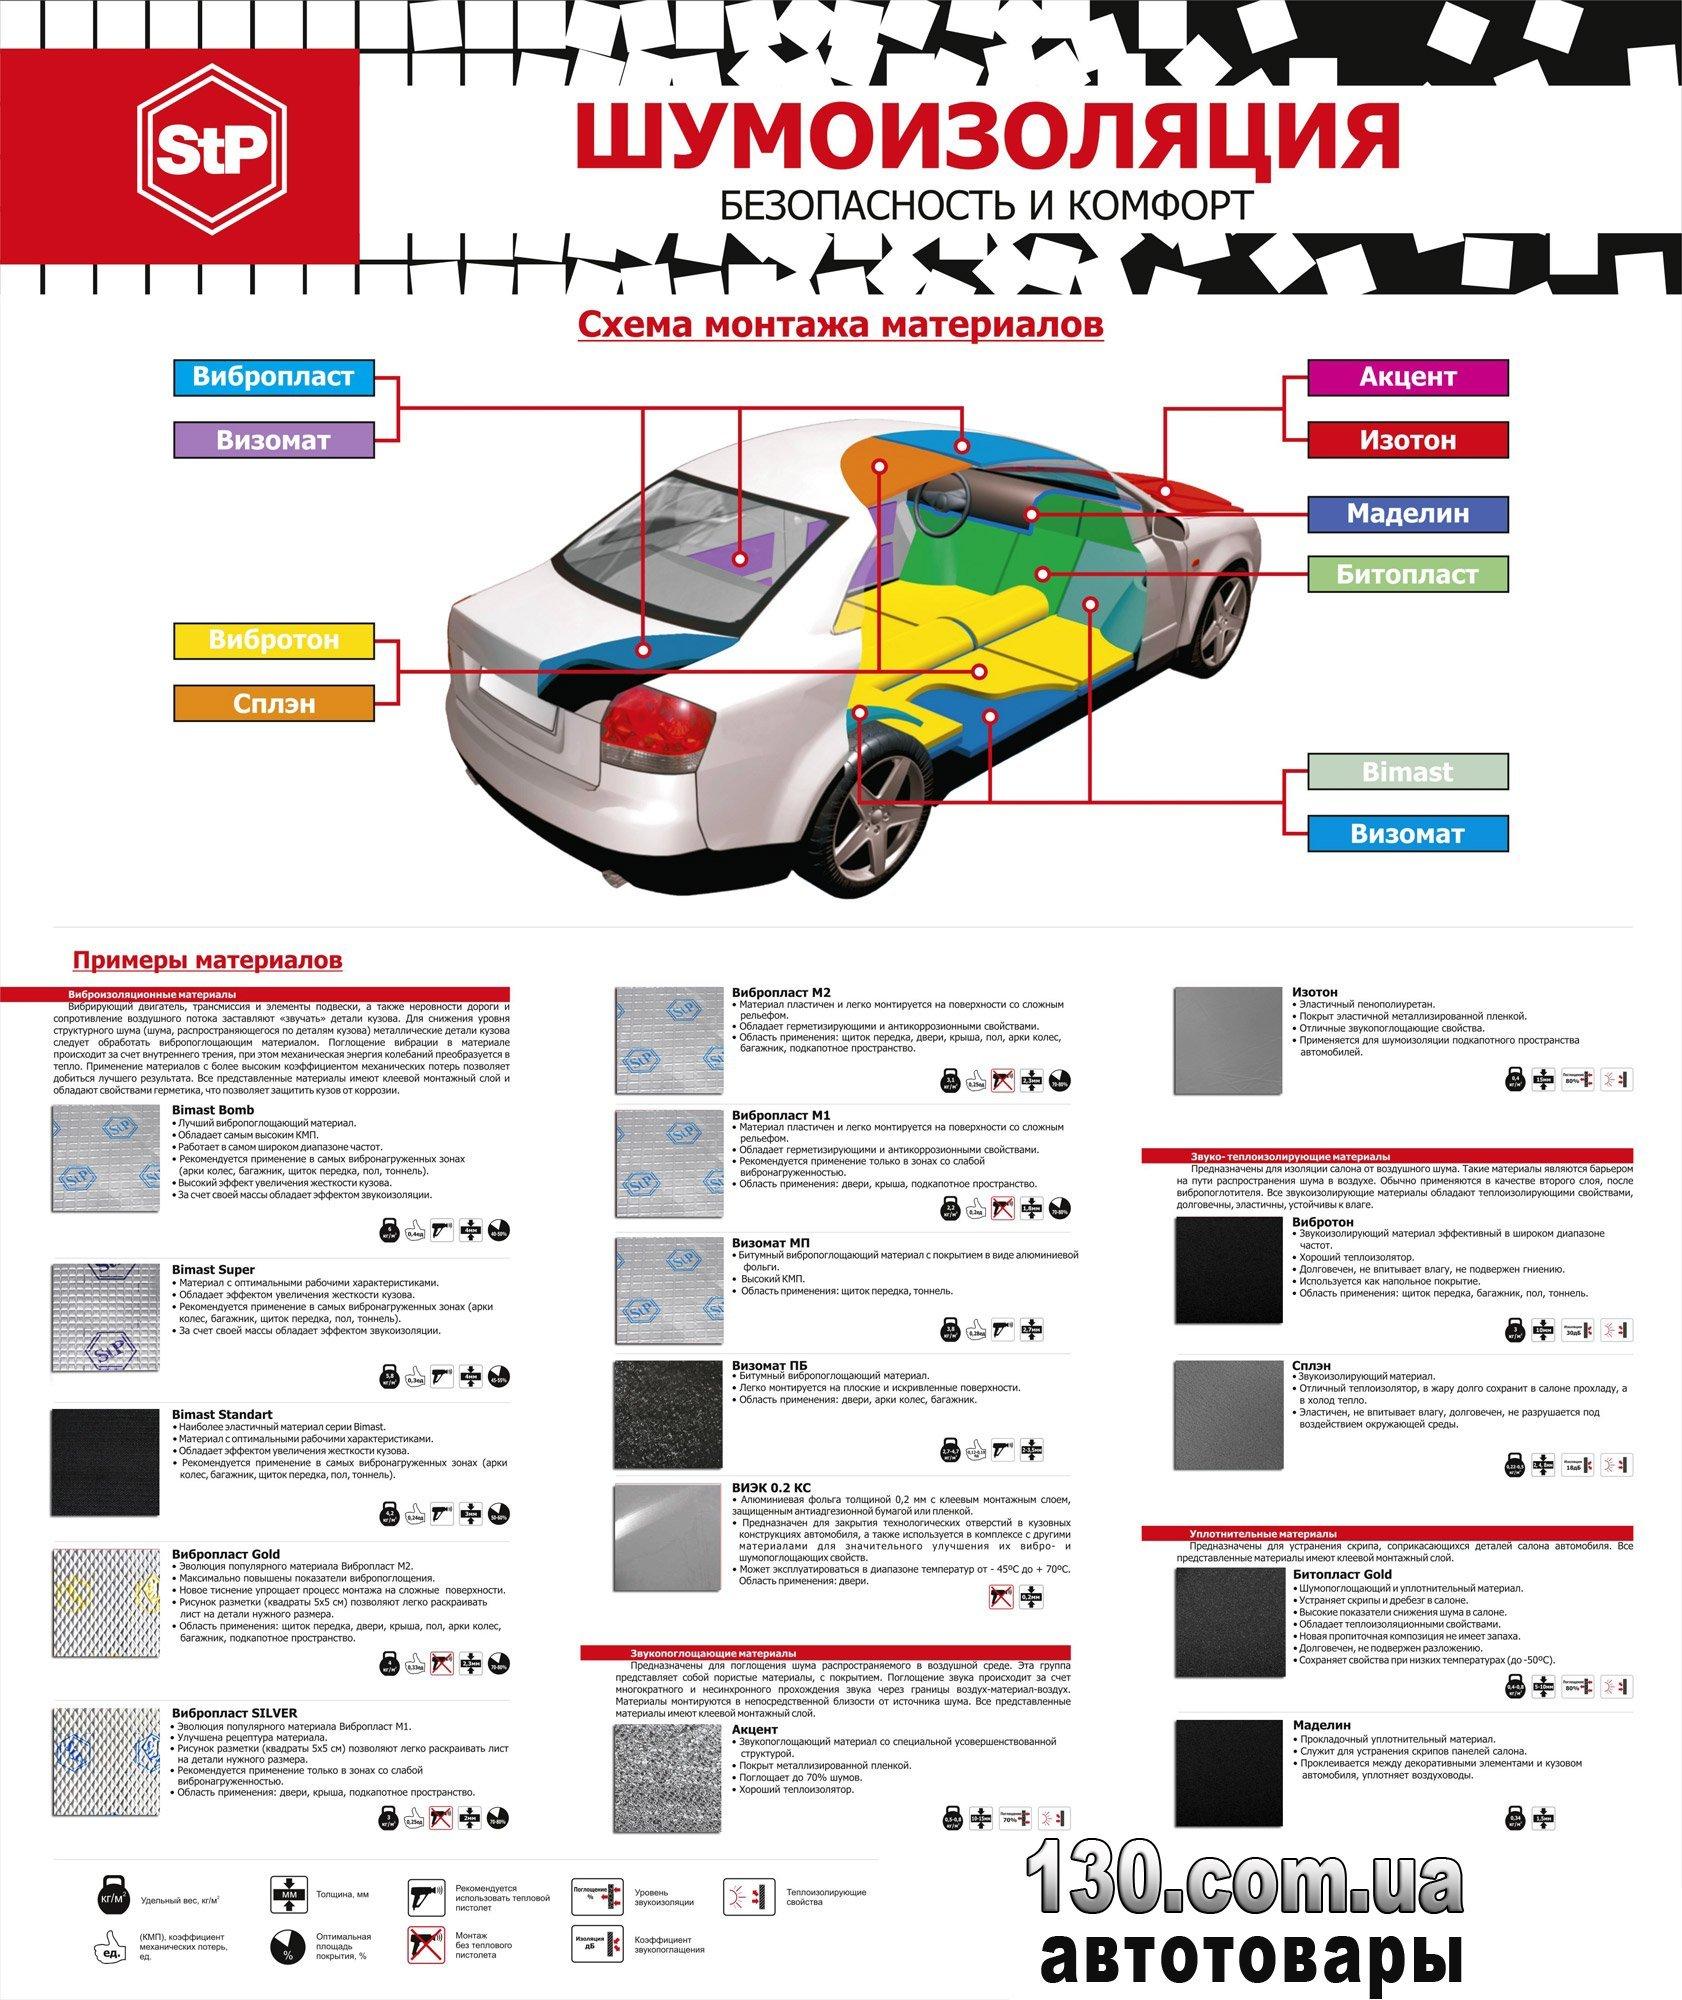 StP шумоизоляция, виброизоляция автомобиля